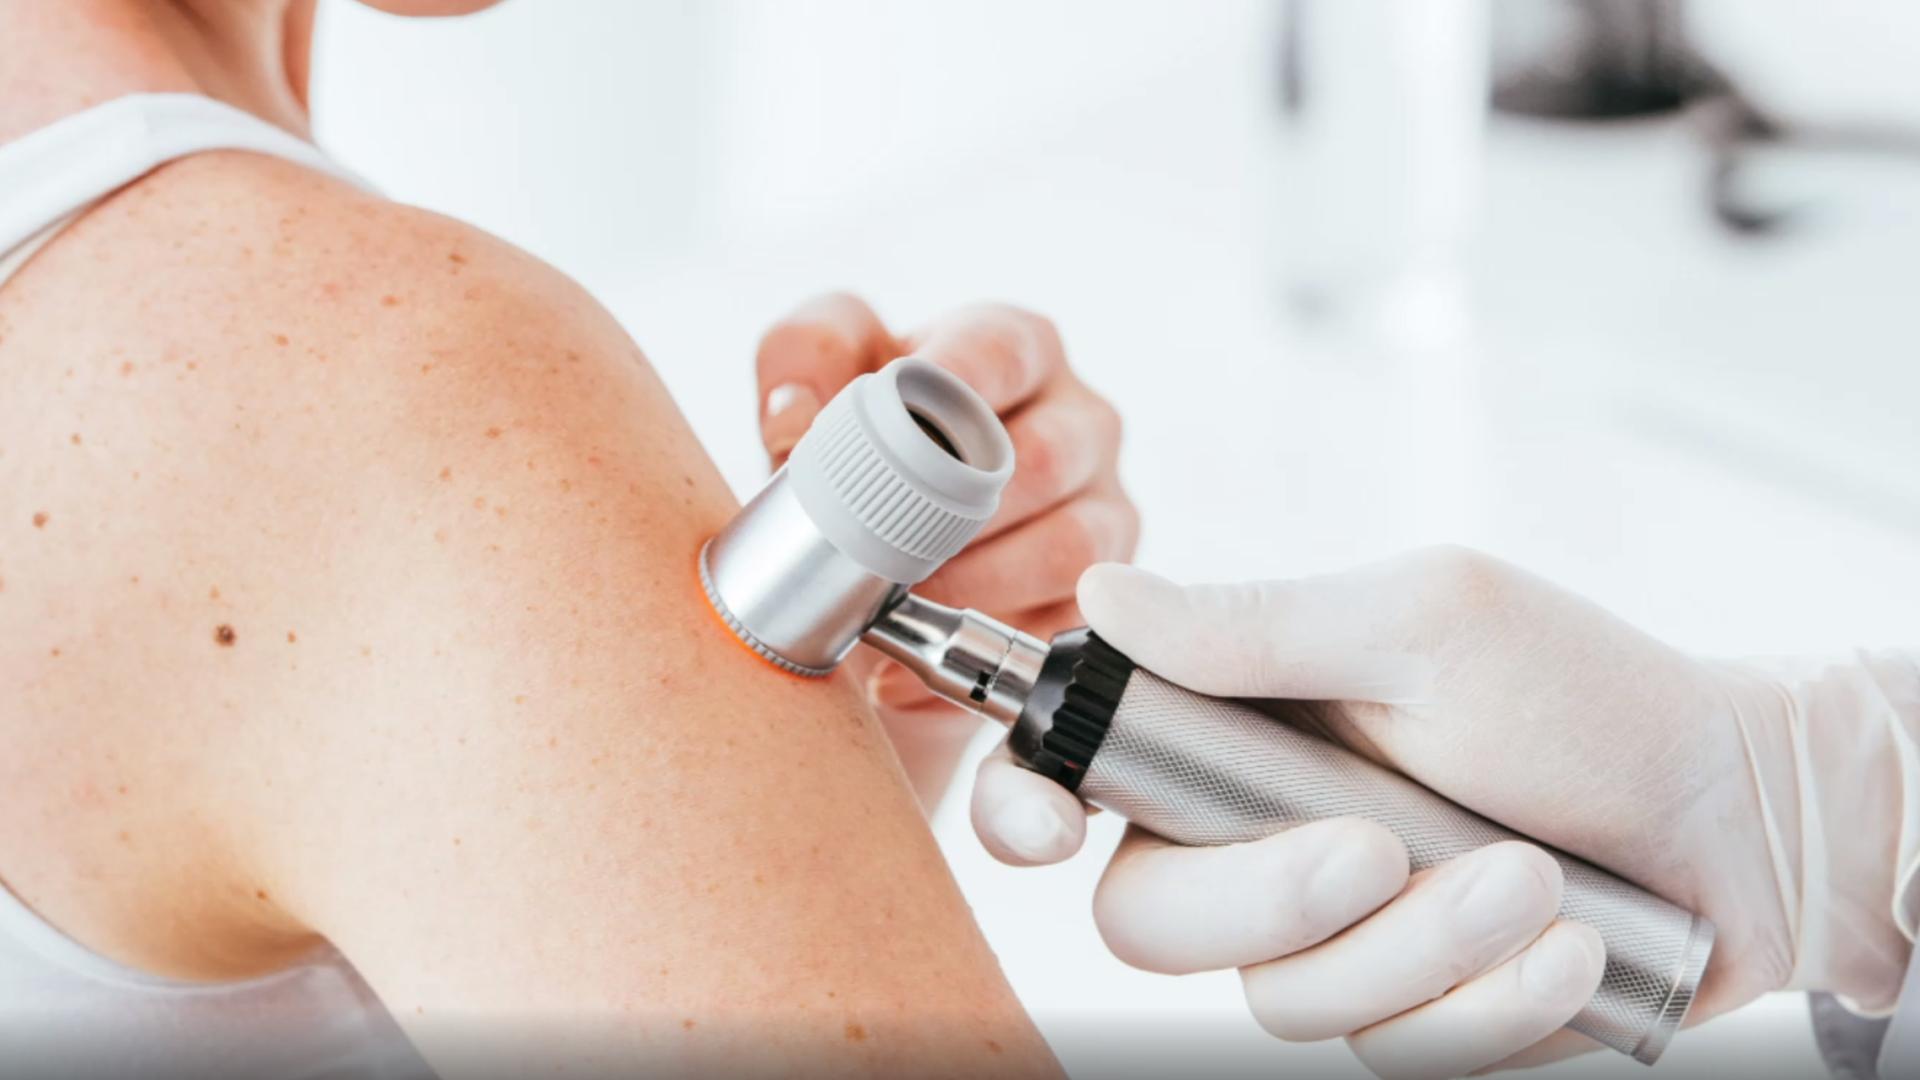 Hautarzt untersucht Haut mit Dermatoskop.